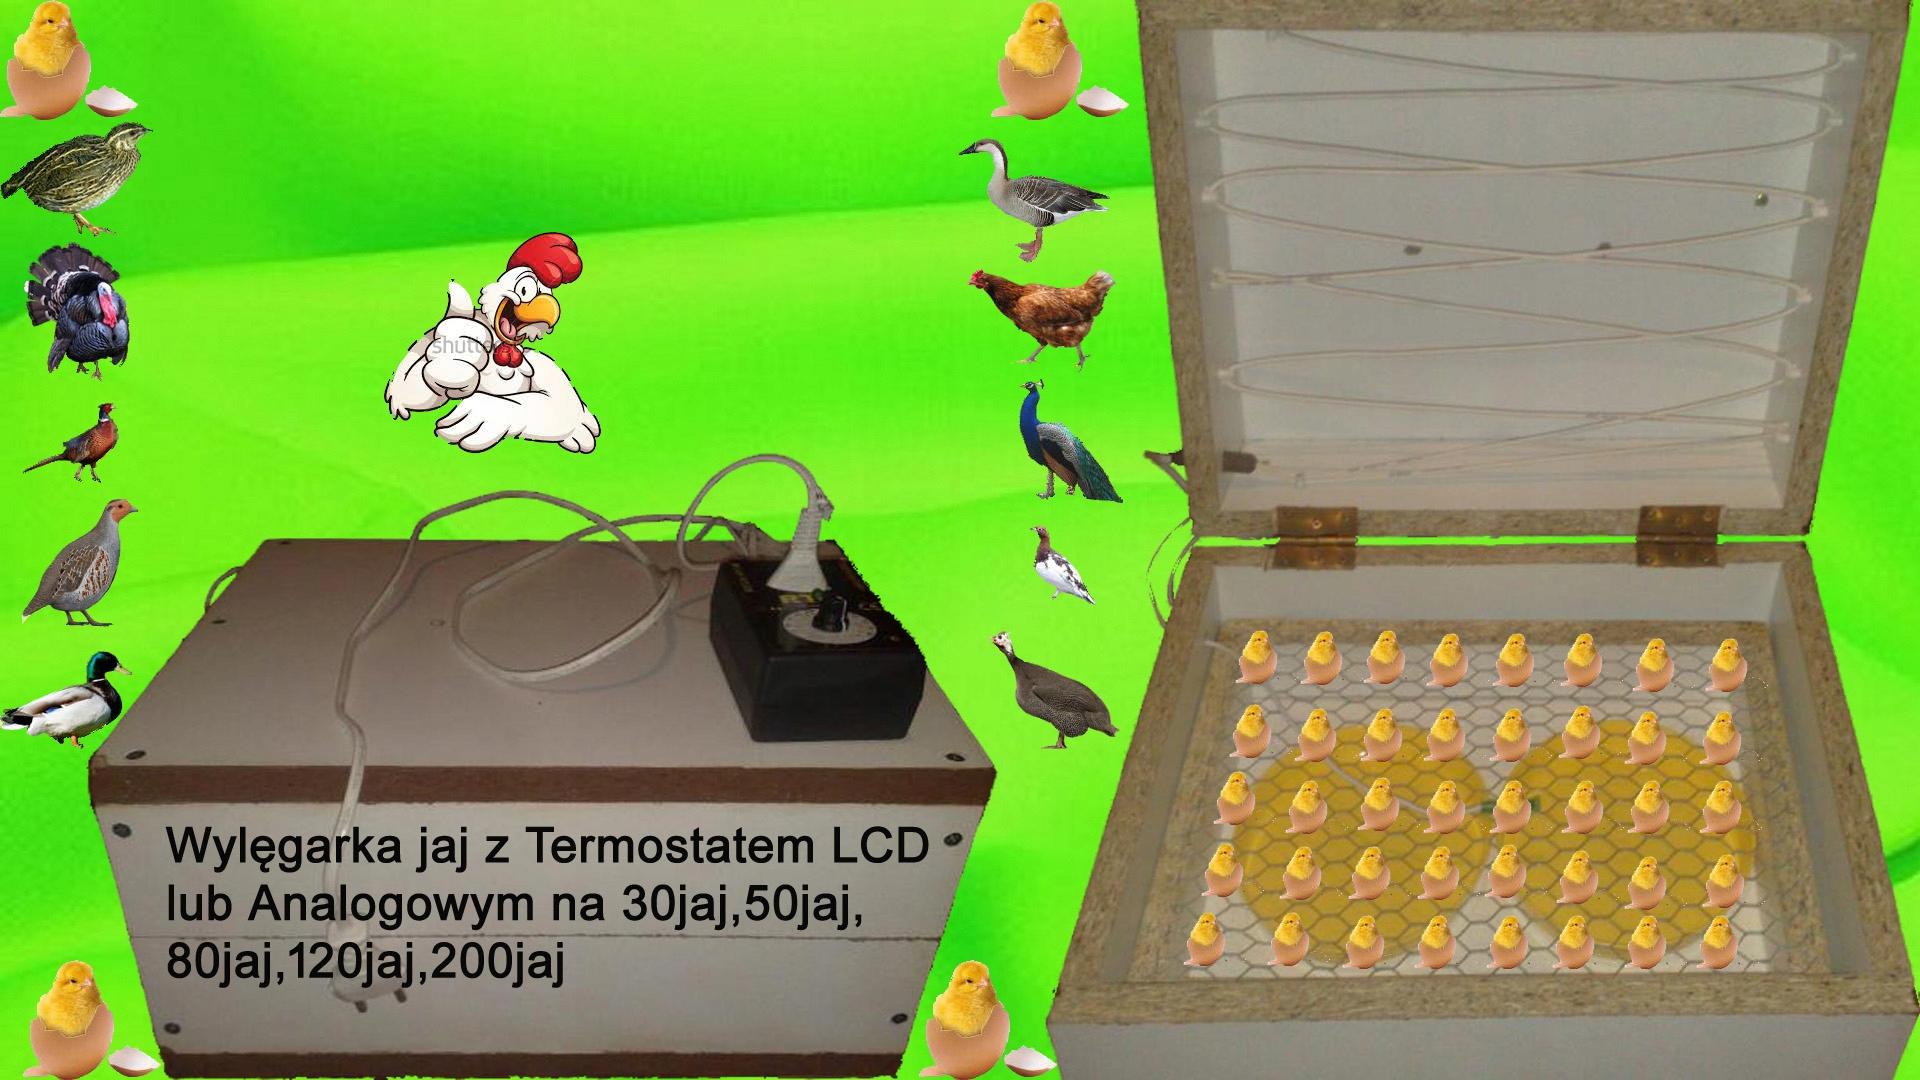 Инкубатор Инкубаторы Новые Wylęgarka всех яиц